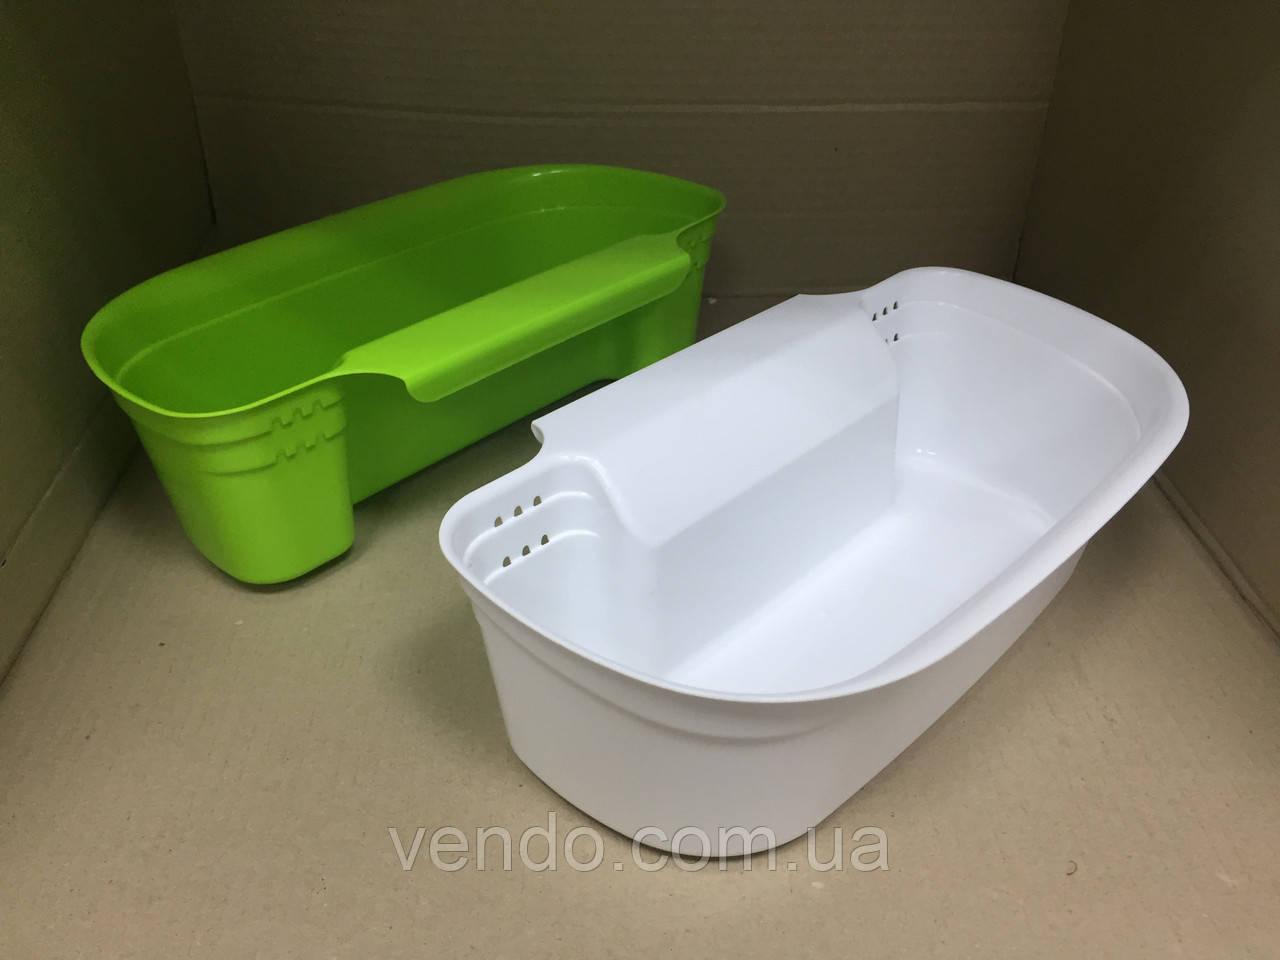 Ведро-контейнер навесное на дверцу мебели для мелкого мусора